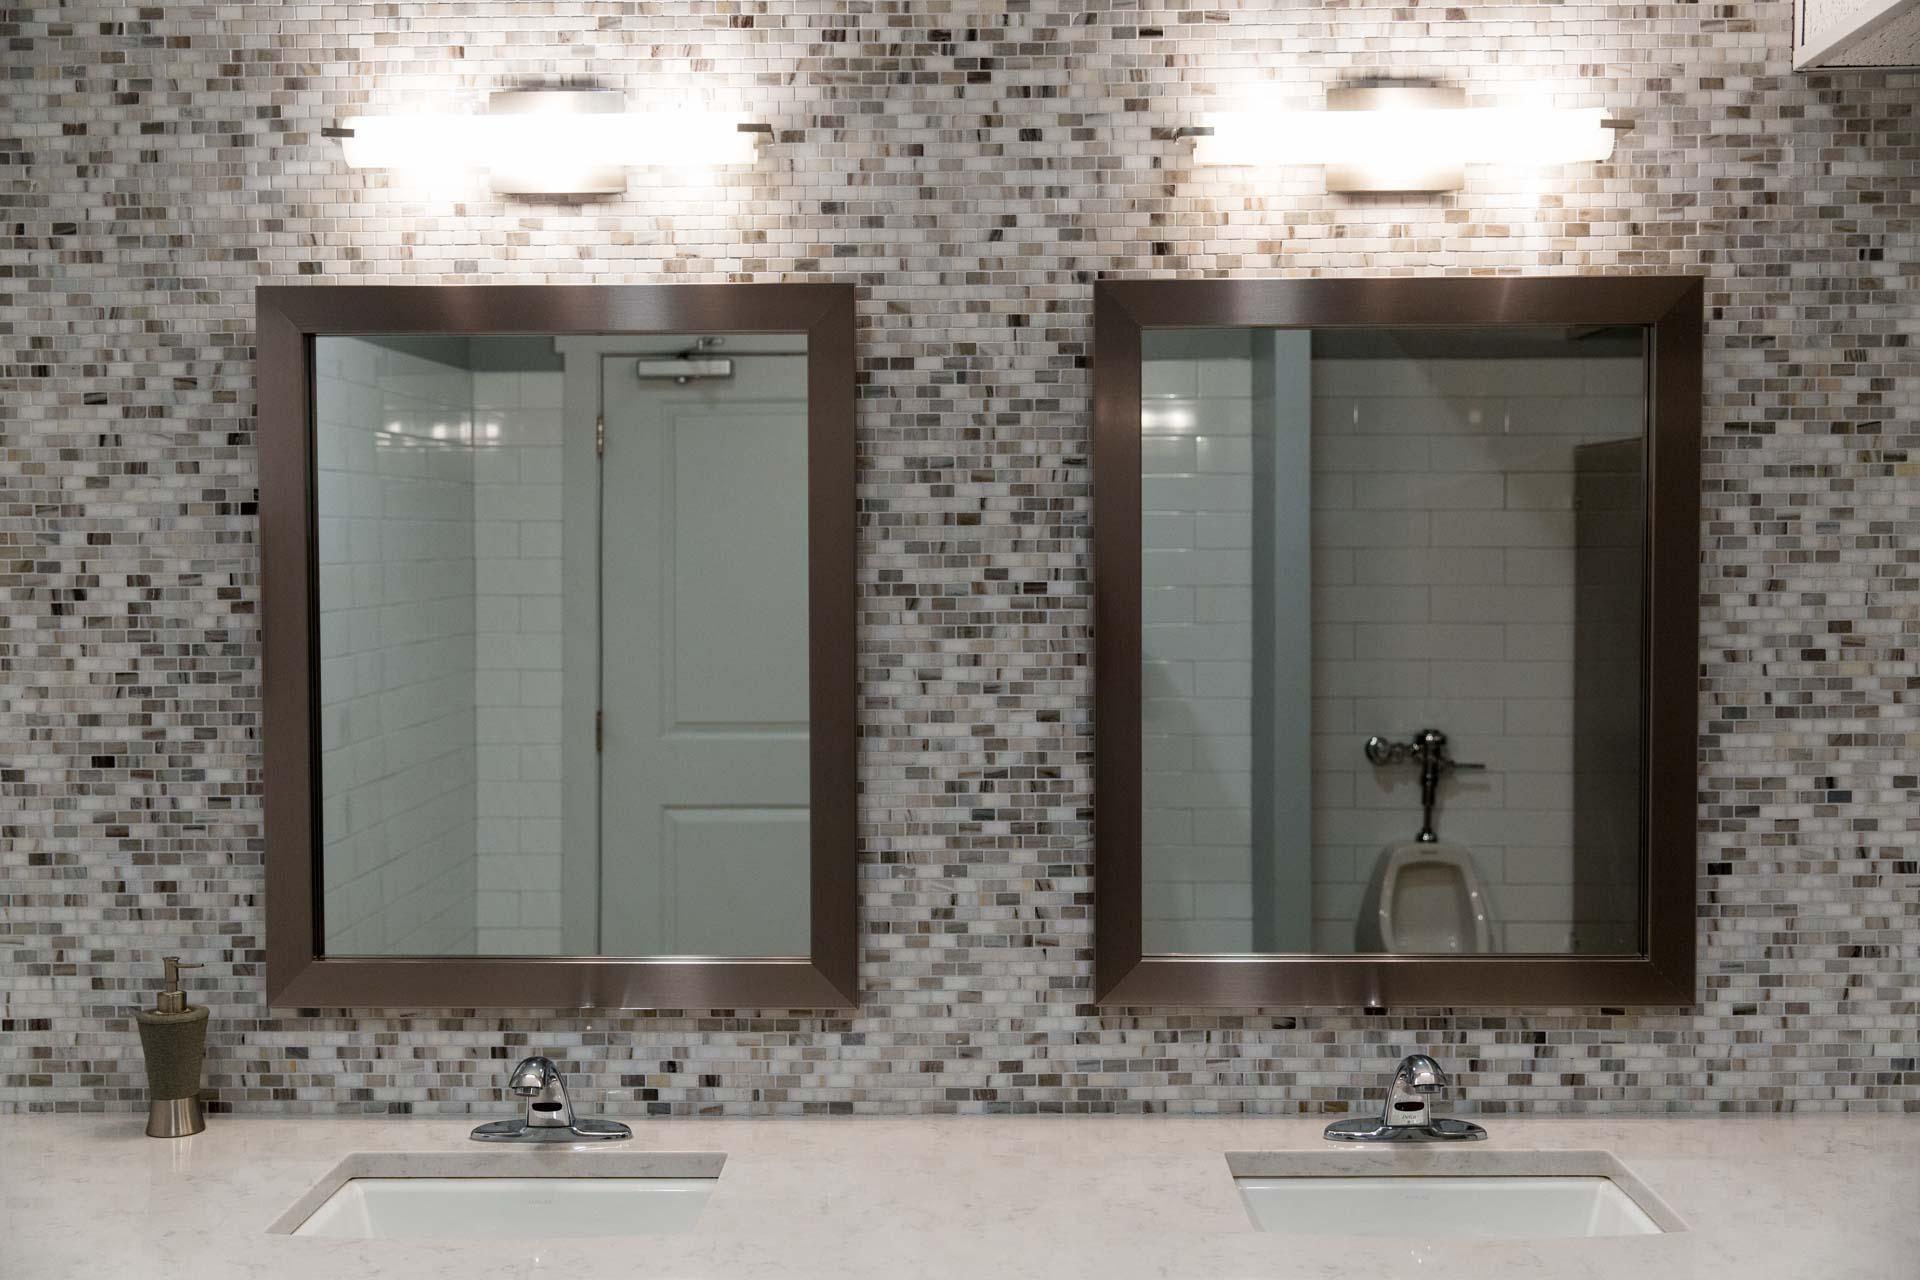 Wall Tile Installer